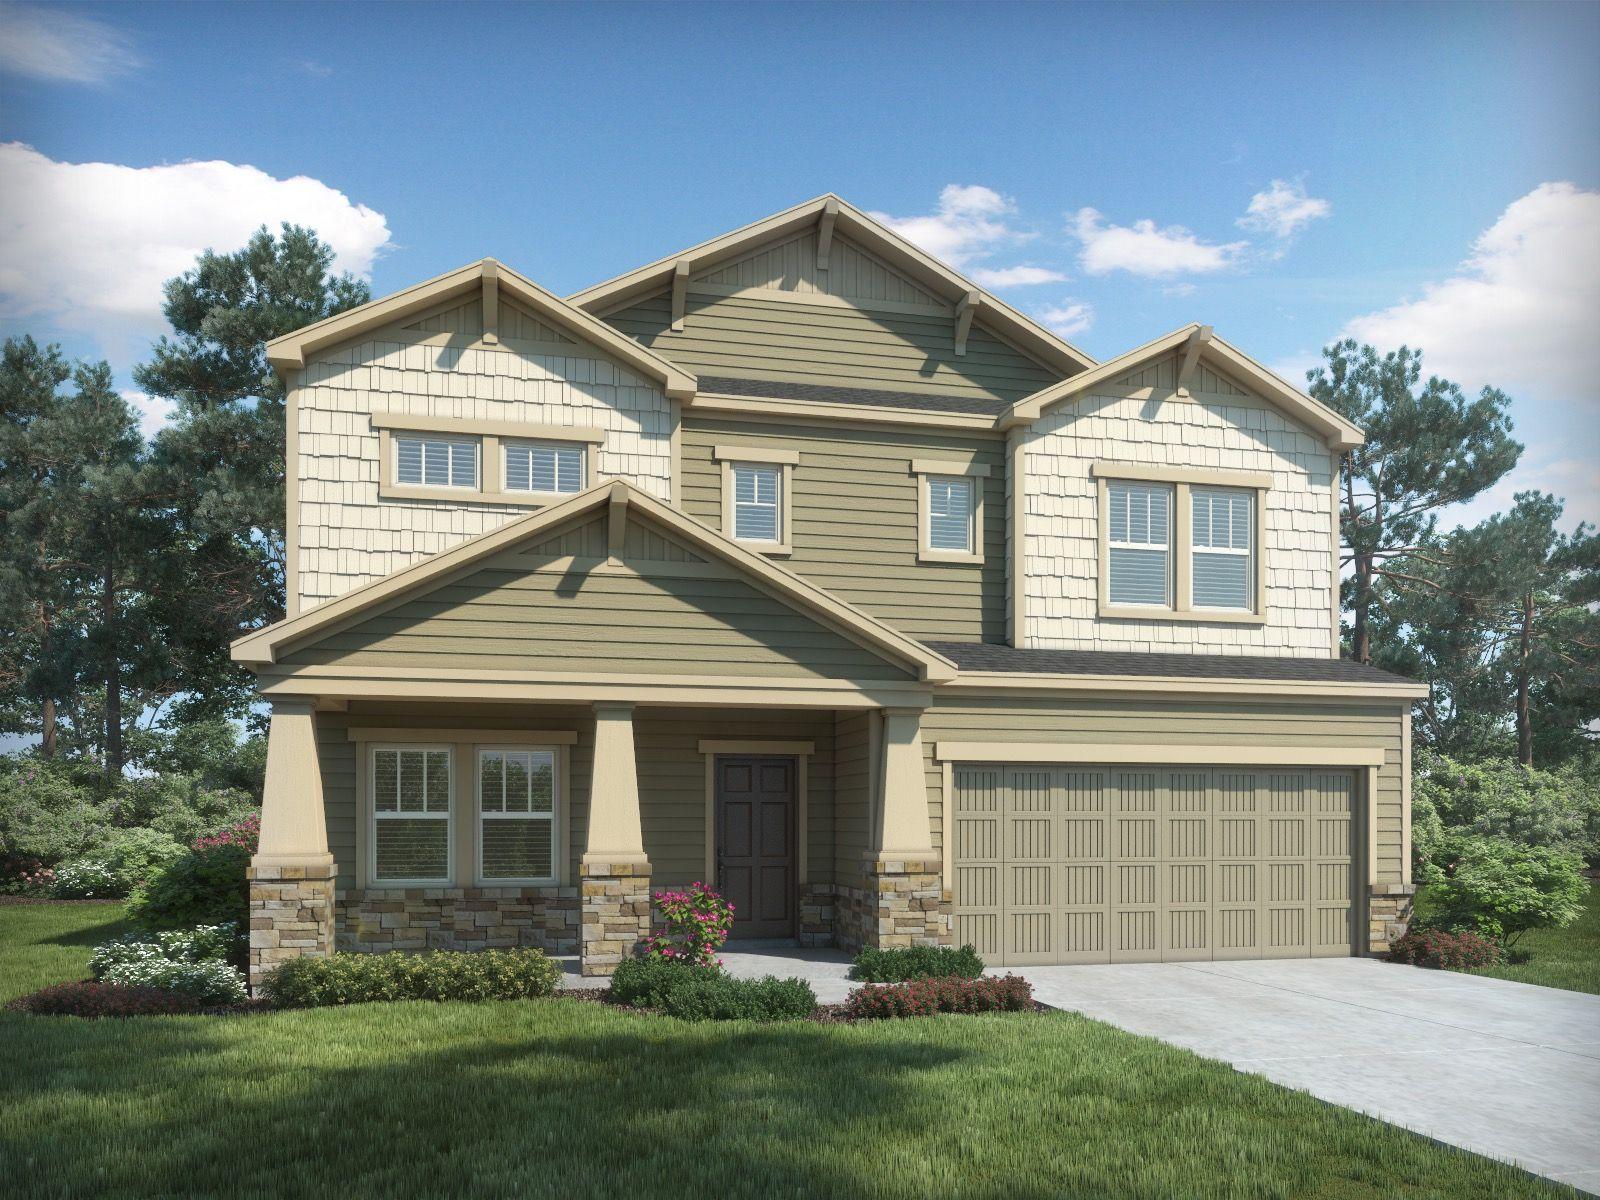 New Homes by Meritage Homes in Atlanta, GA :: 27 Communities